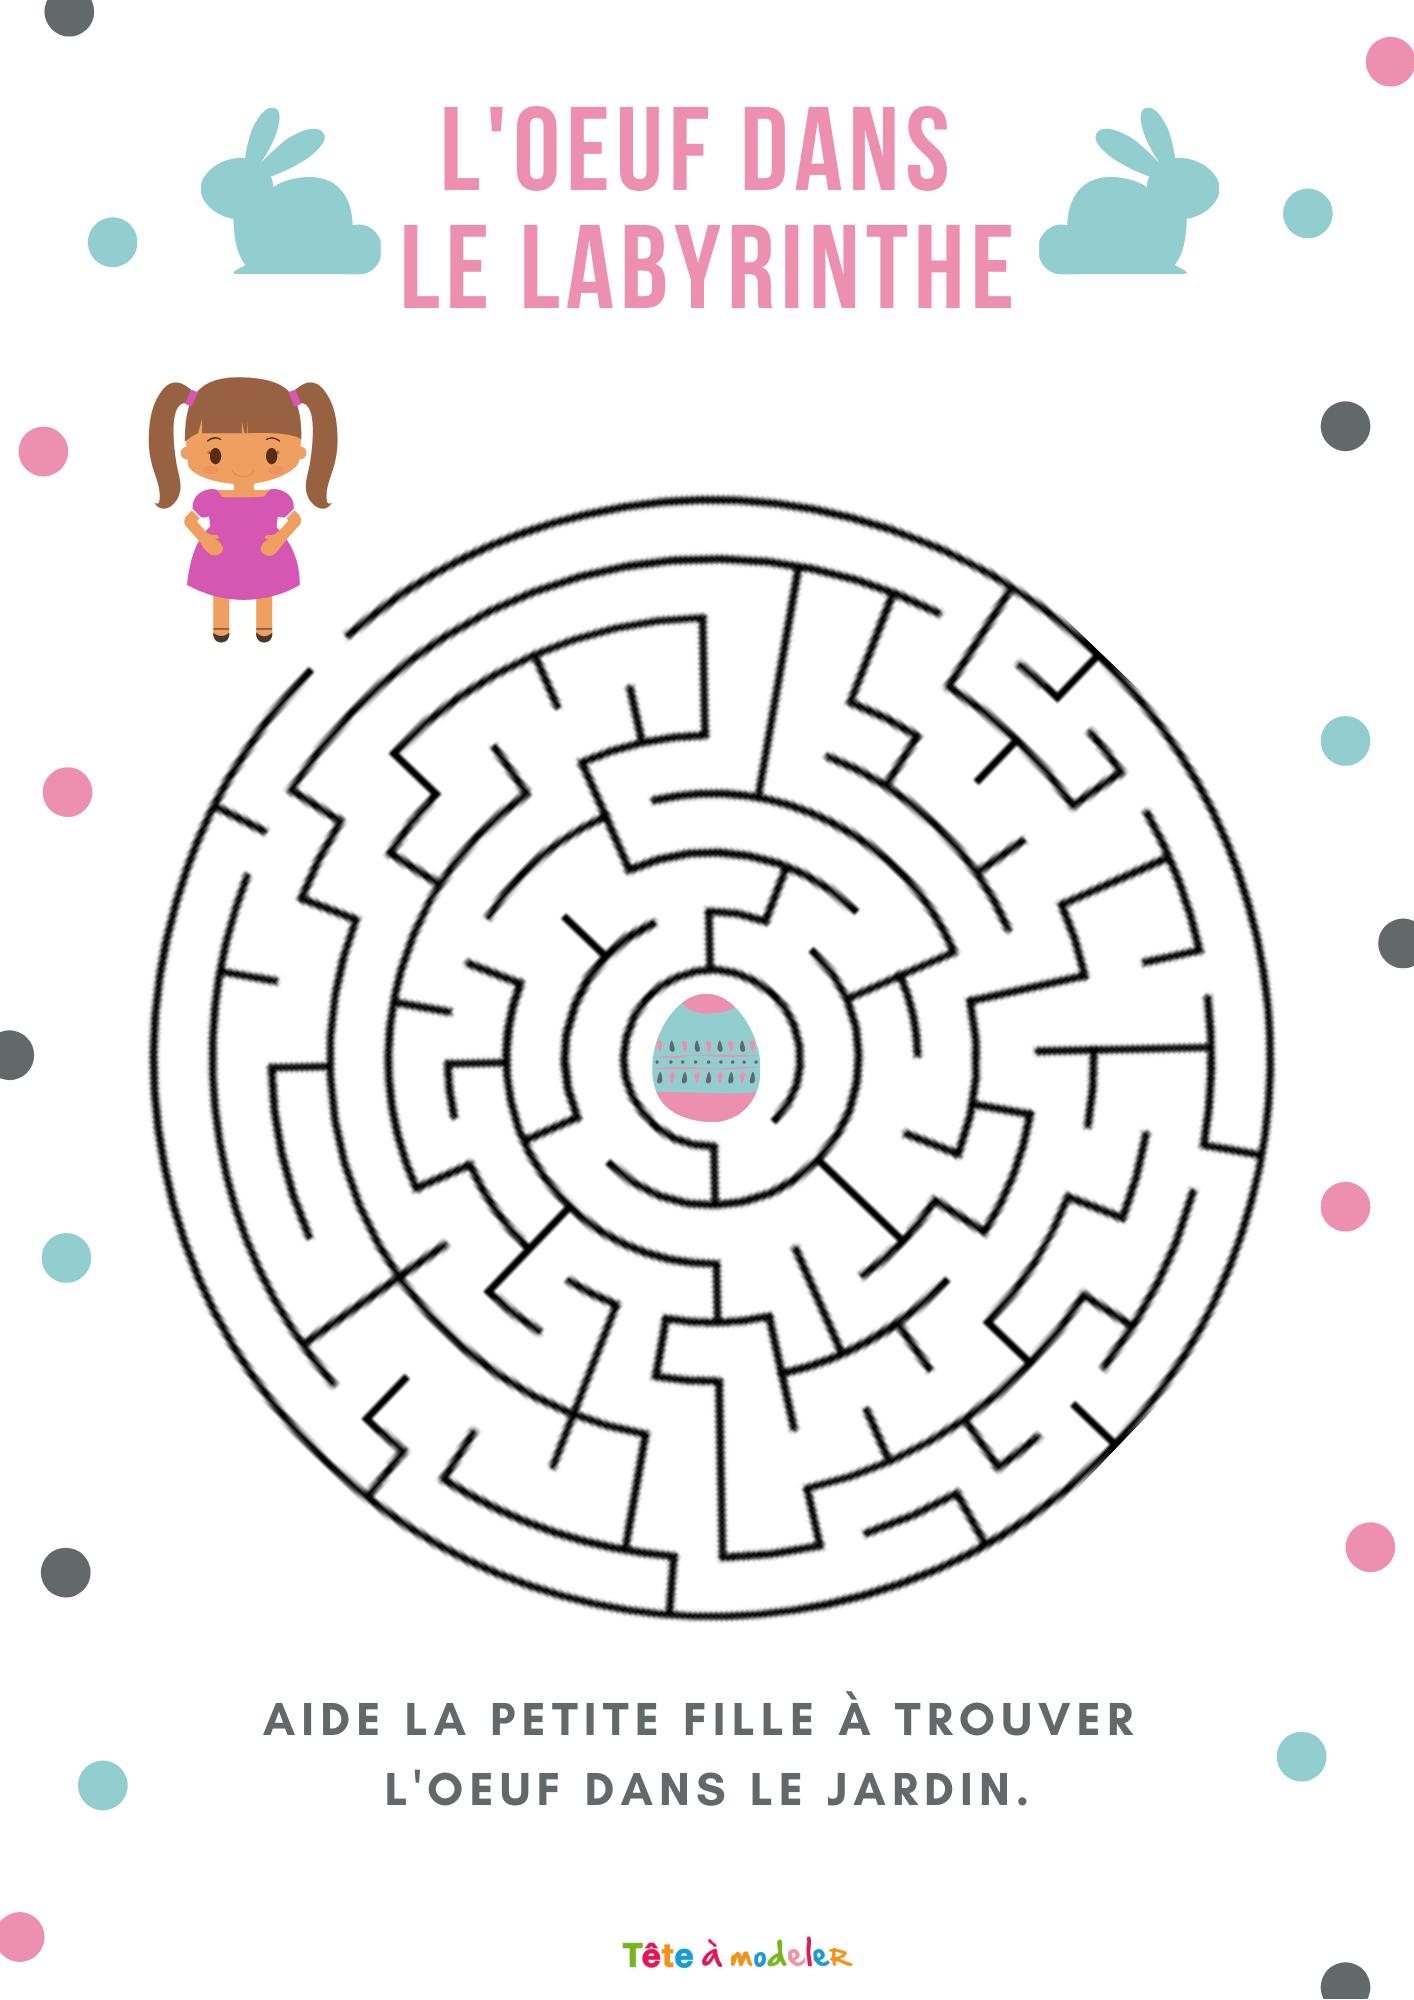 Jeu De Labyrinthe : L'oeuf Dans Le Labyrinthe- Jeu Gratuit À destiné Jeux De Labyrinthe Gratuit